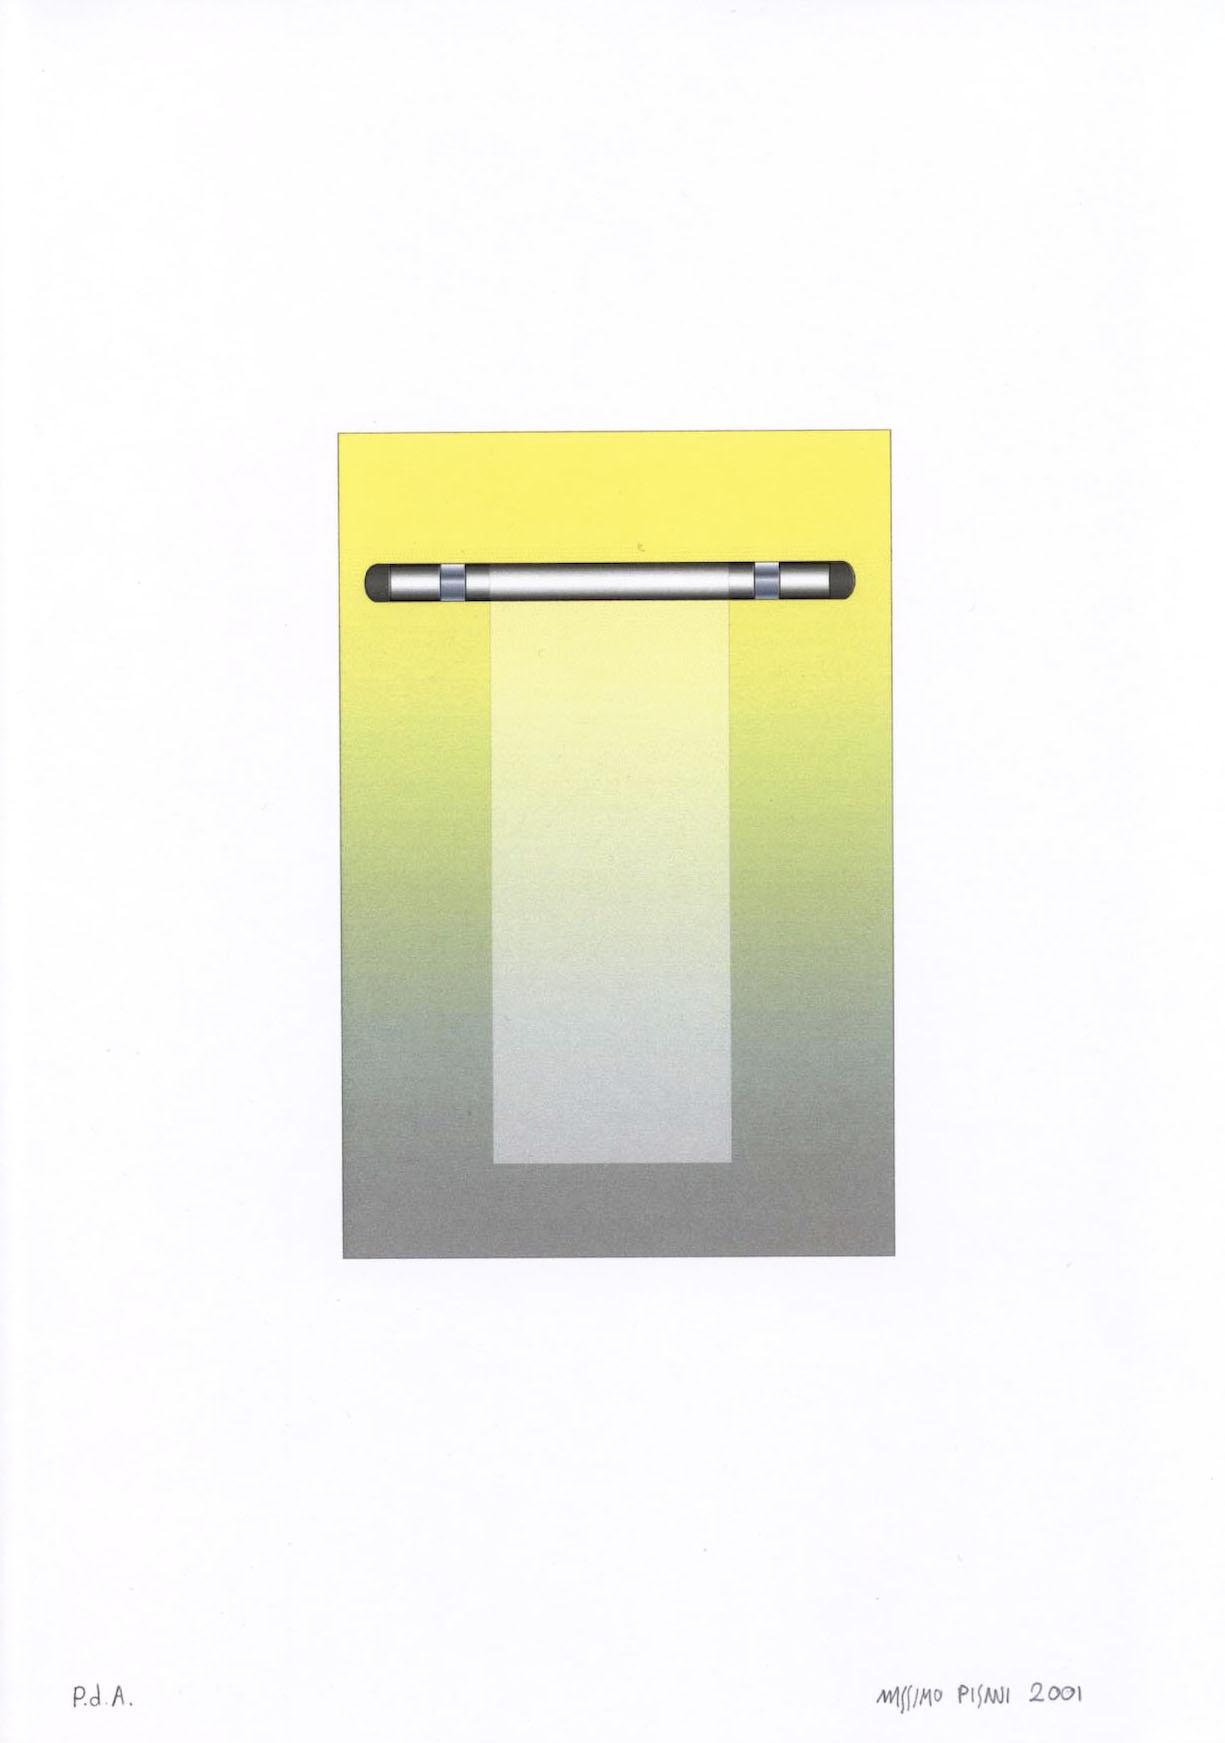 Ilustraciónes para la publicación Pulcino elefante cm.21x29,7 -2002- 8